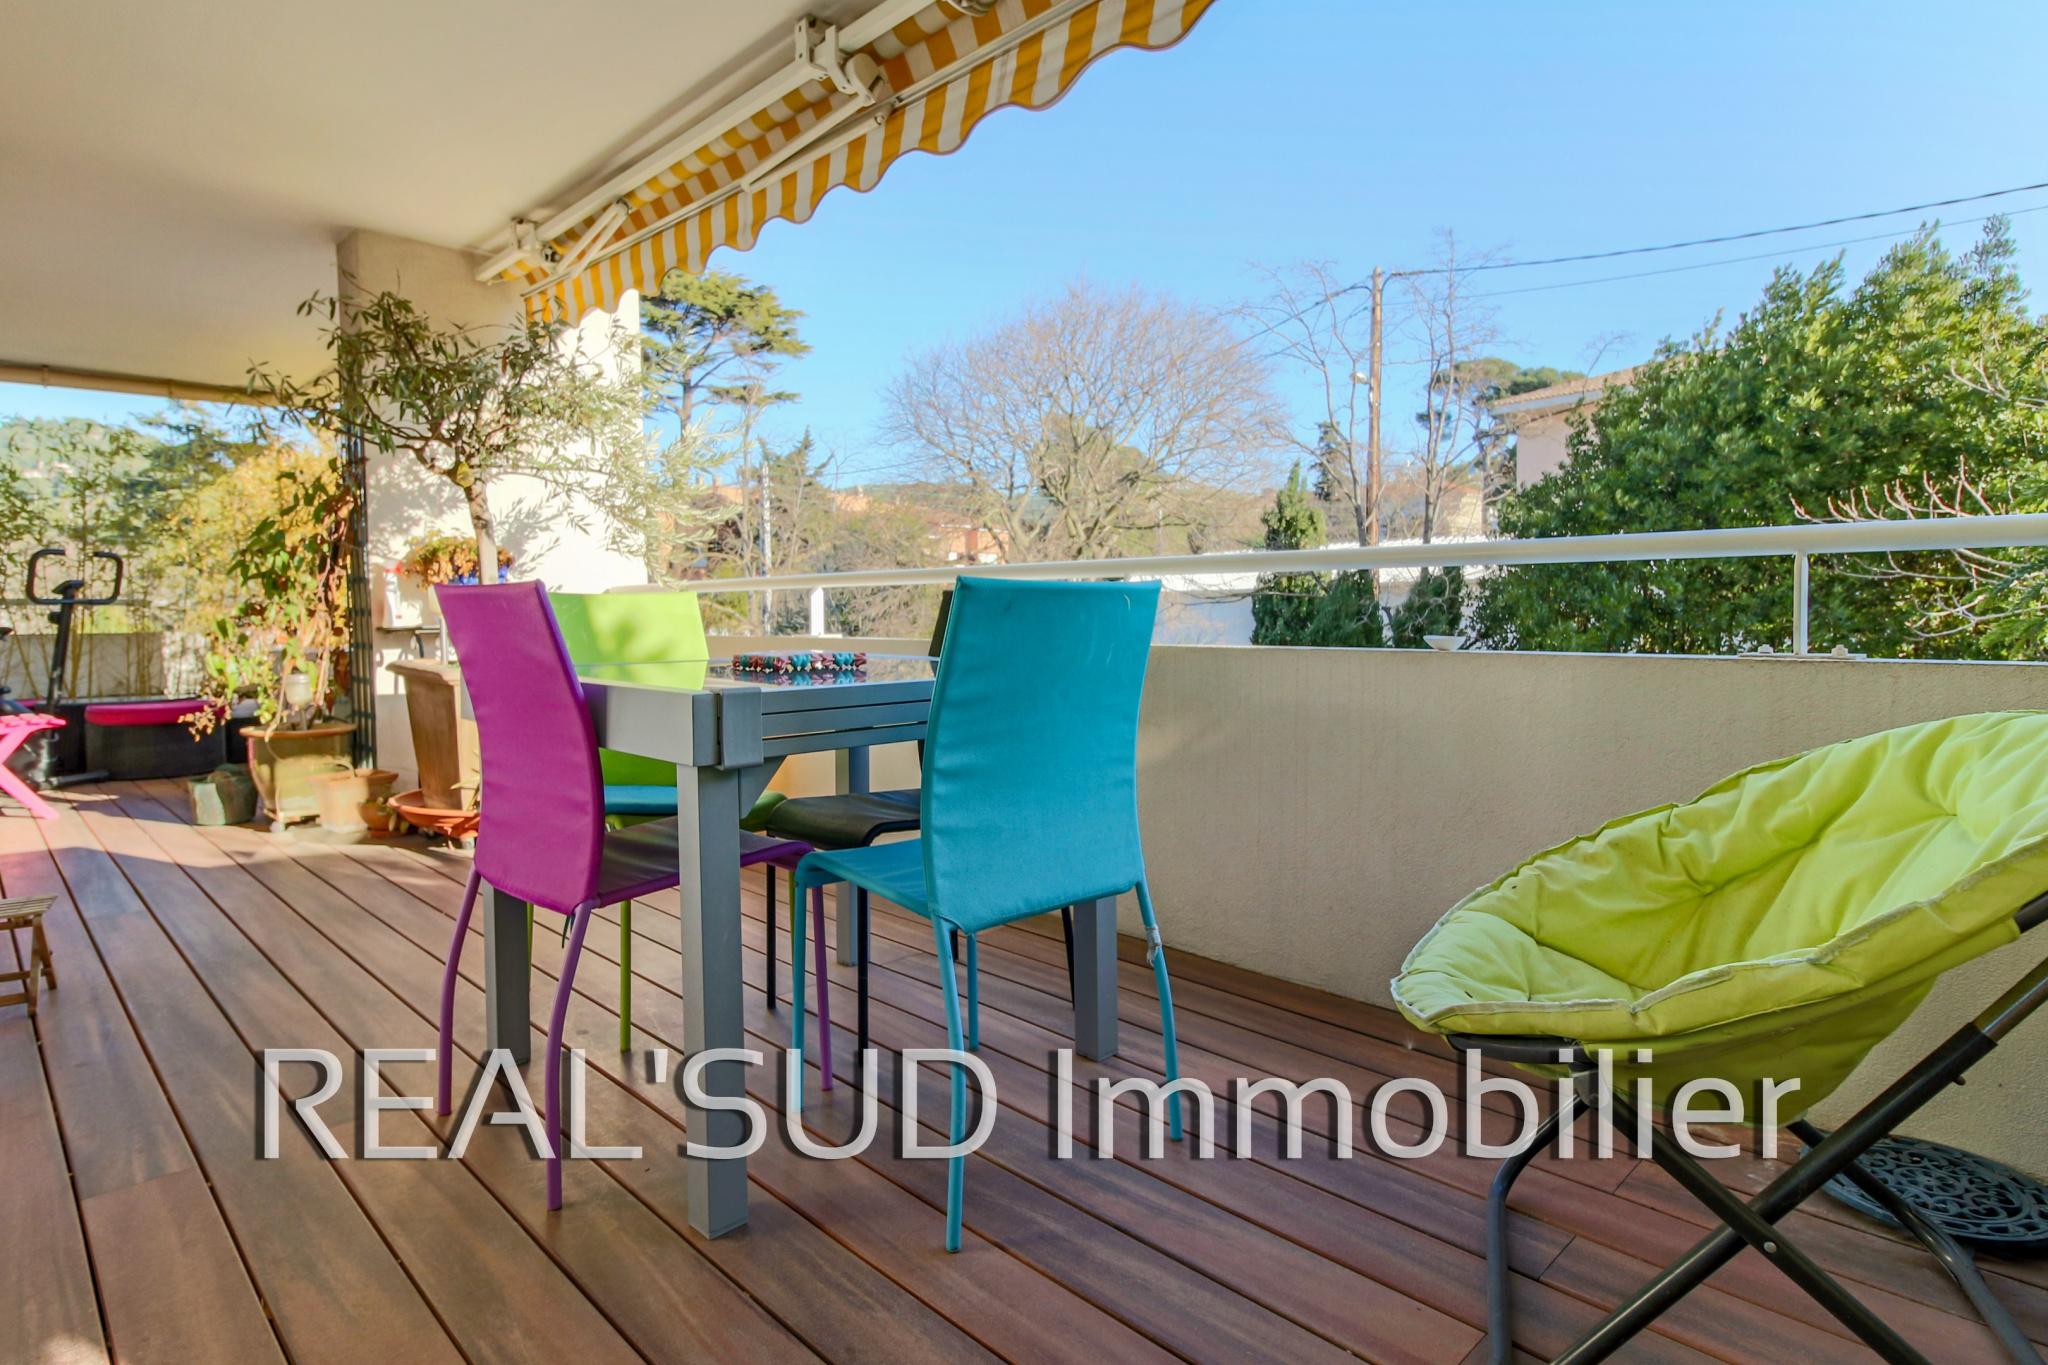 Vente marseille 13009 t4 avec grande terrasse dans r sidence de standing - Residence avec piscine marseille ...